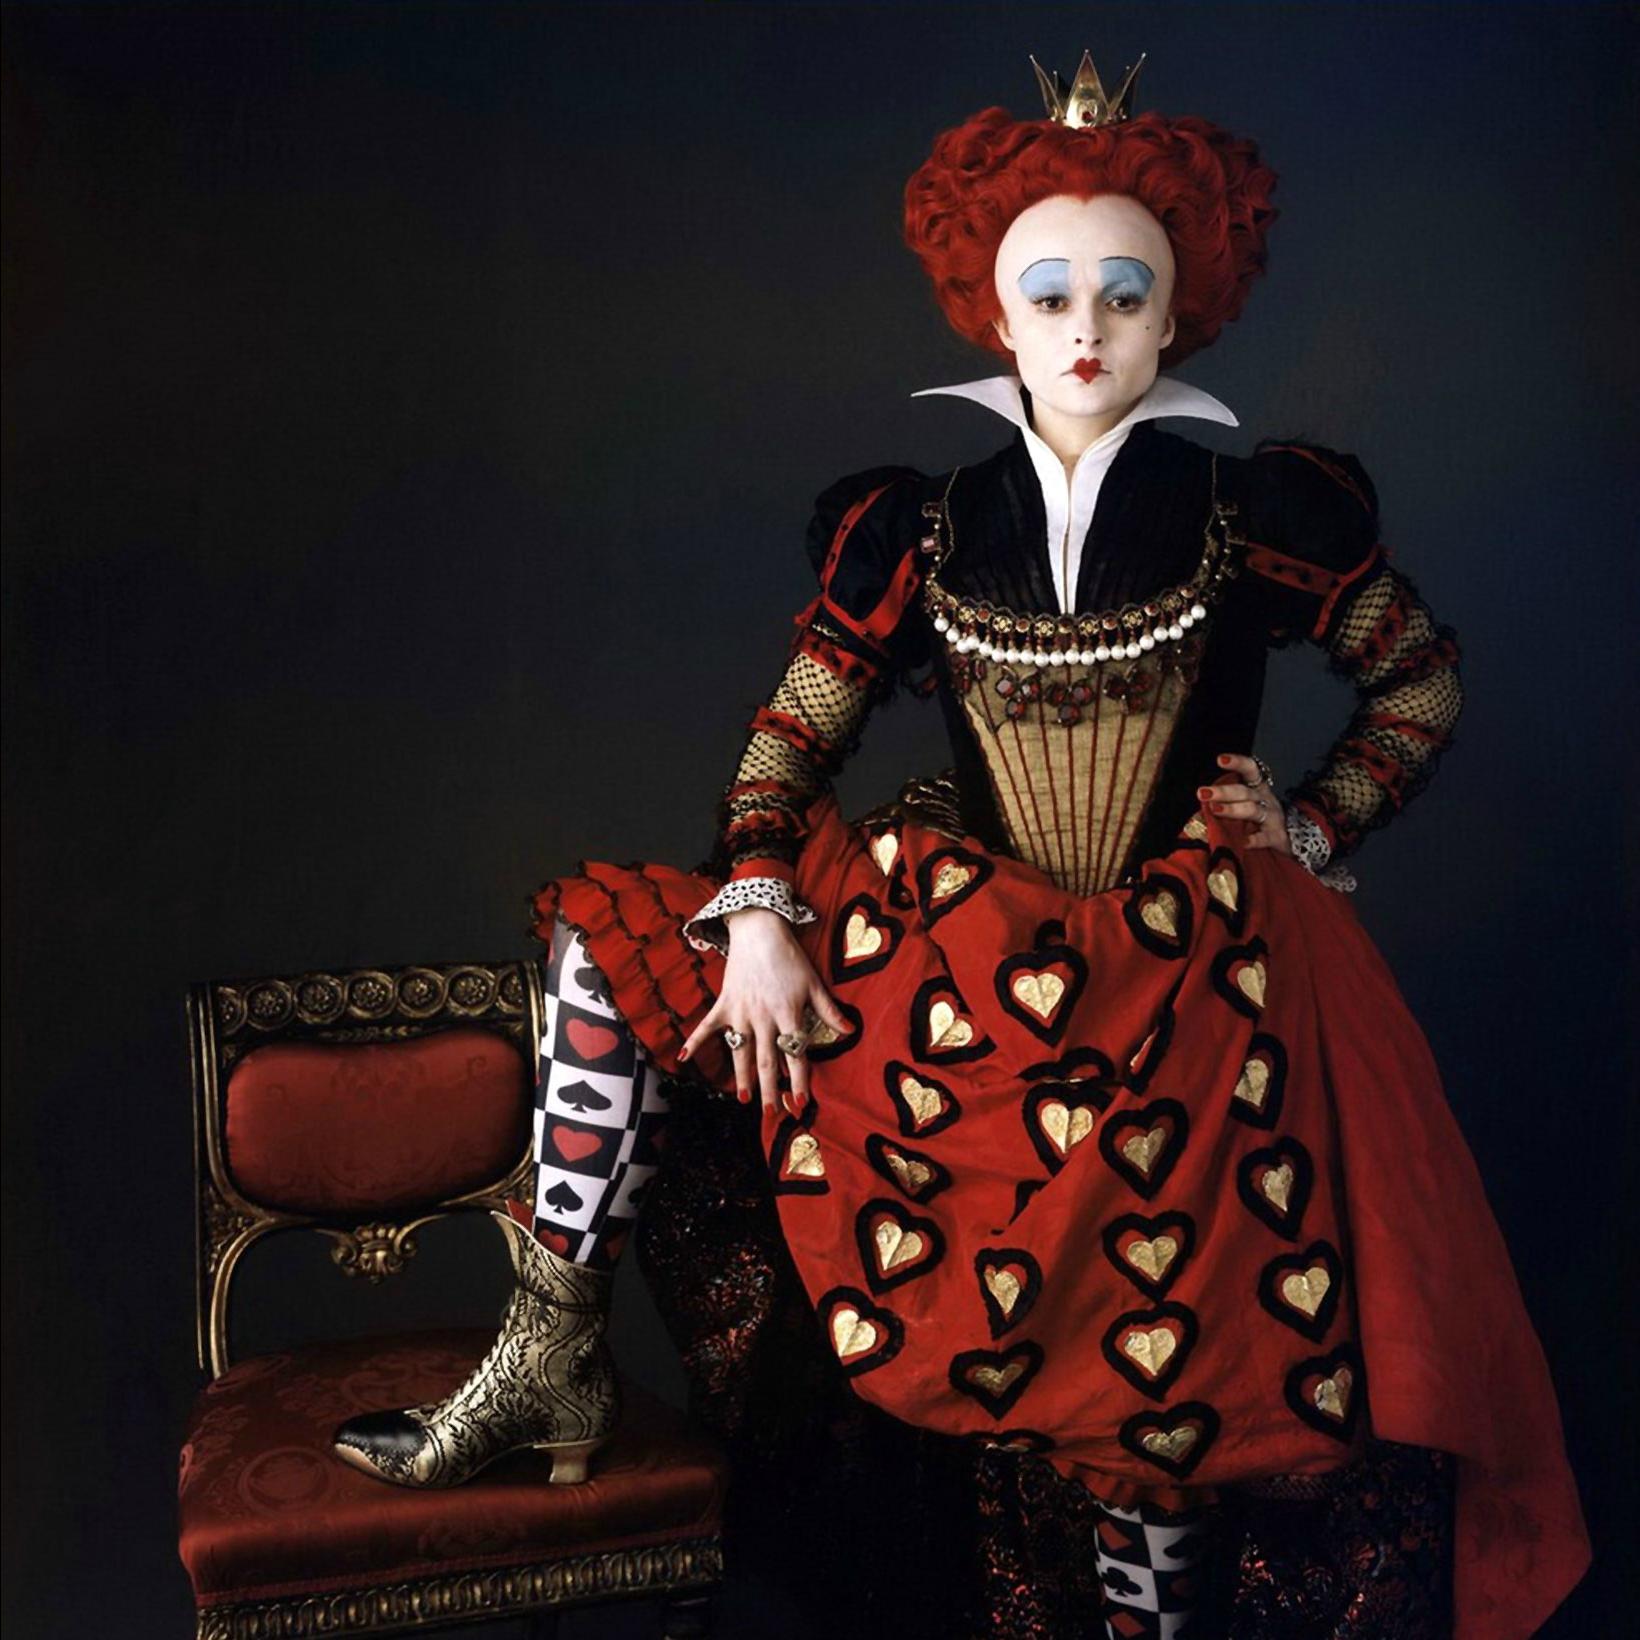 Хелена Бонем Картер в образе Червонной Королевы